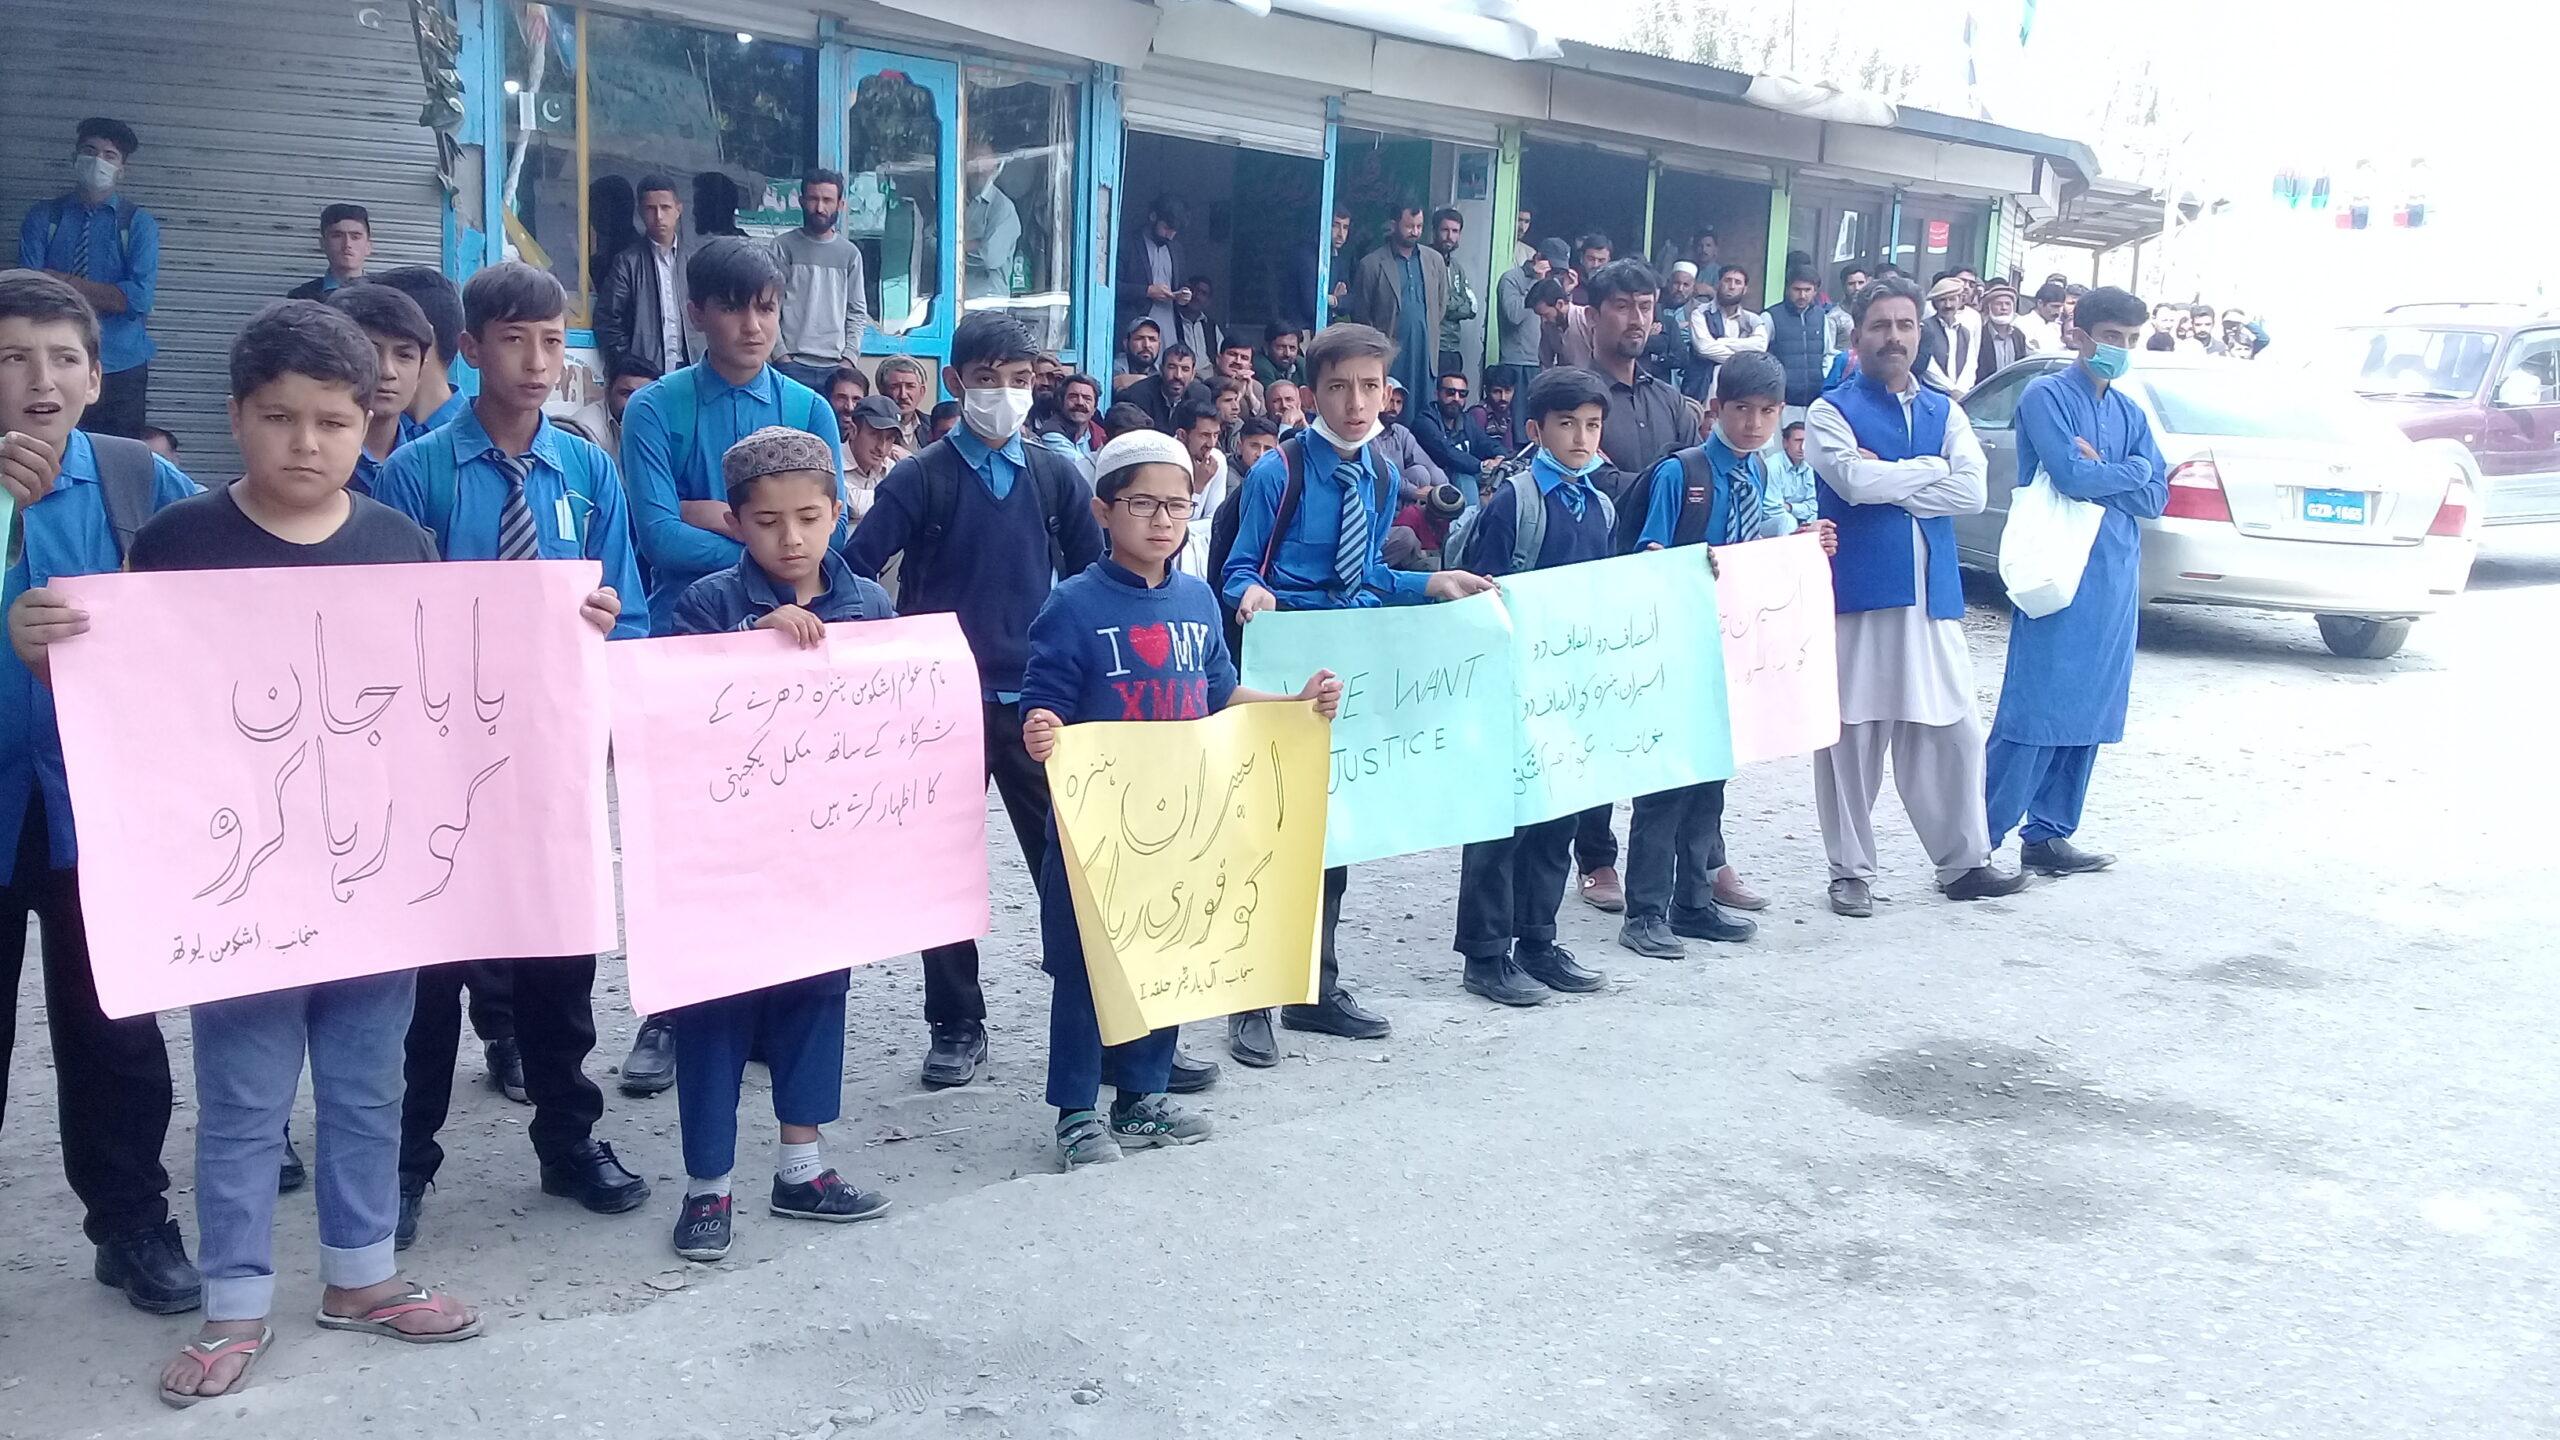 تحصیل چٹورکھنڈ چنار میں آج بابا جان کامریڈ کے حوالے سے پرامن احتجاج کیا گیا